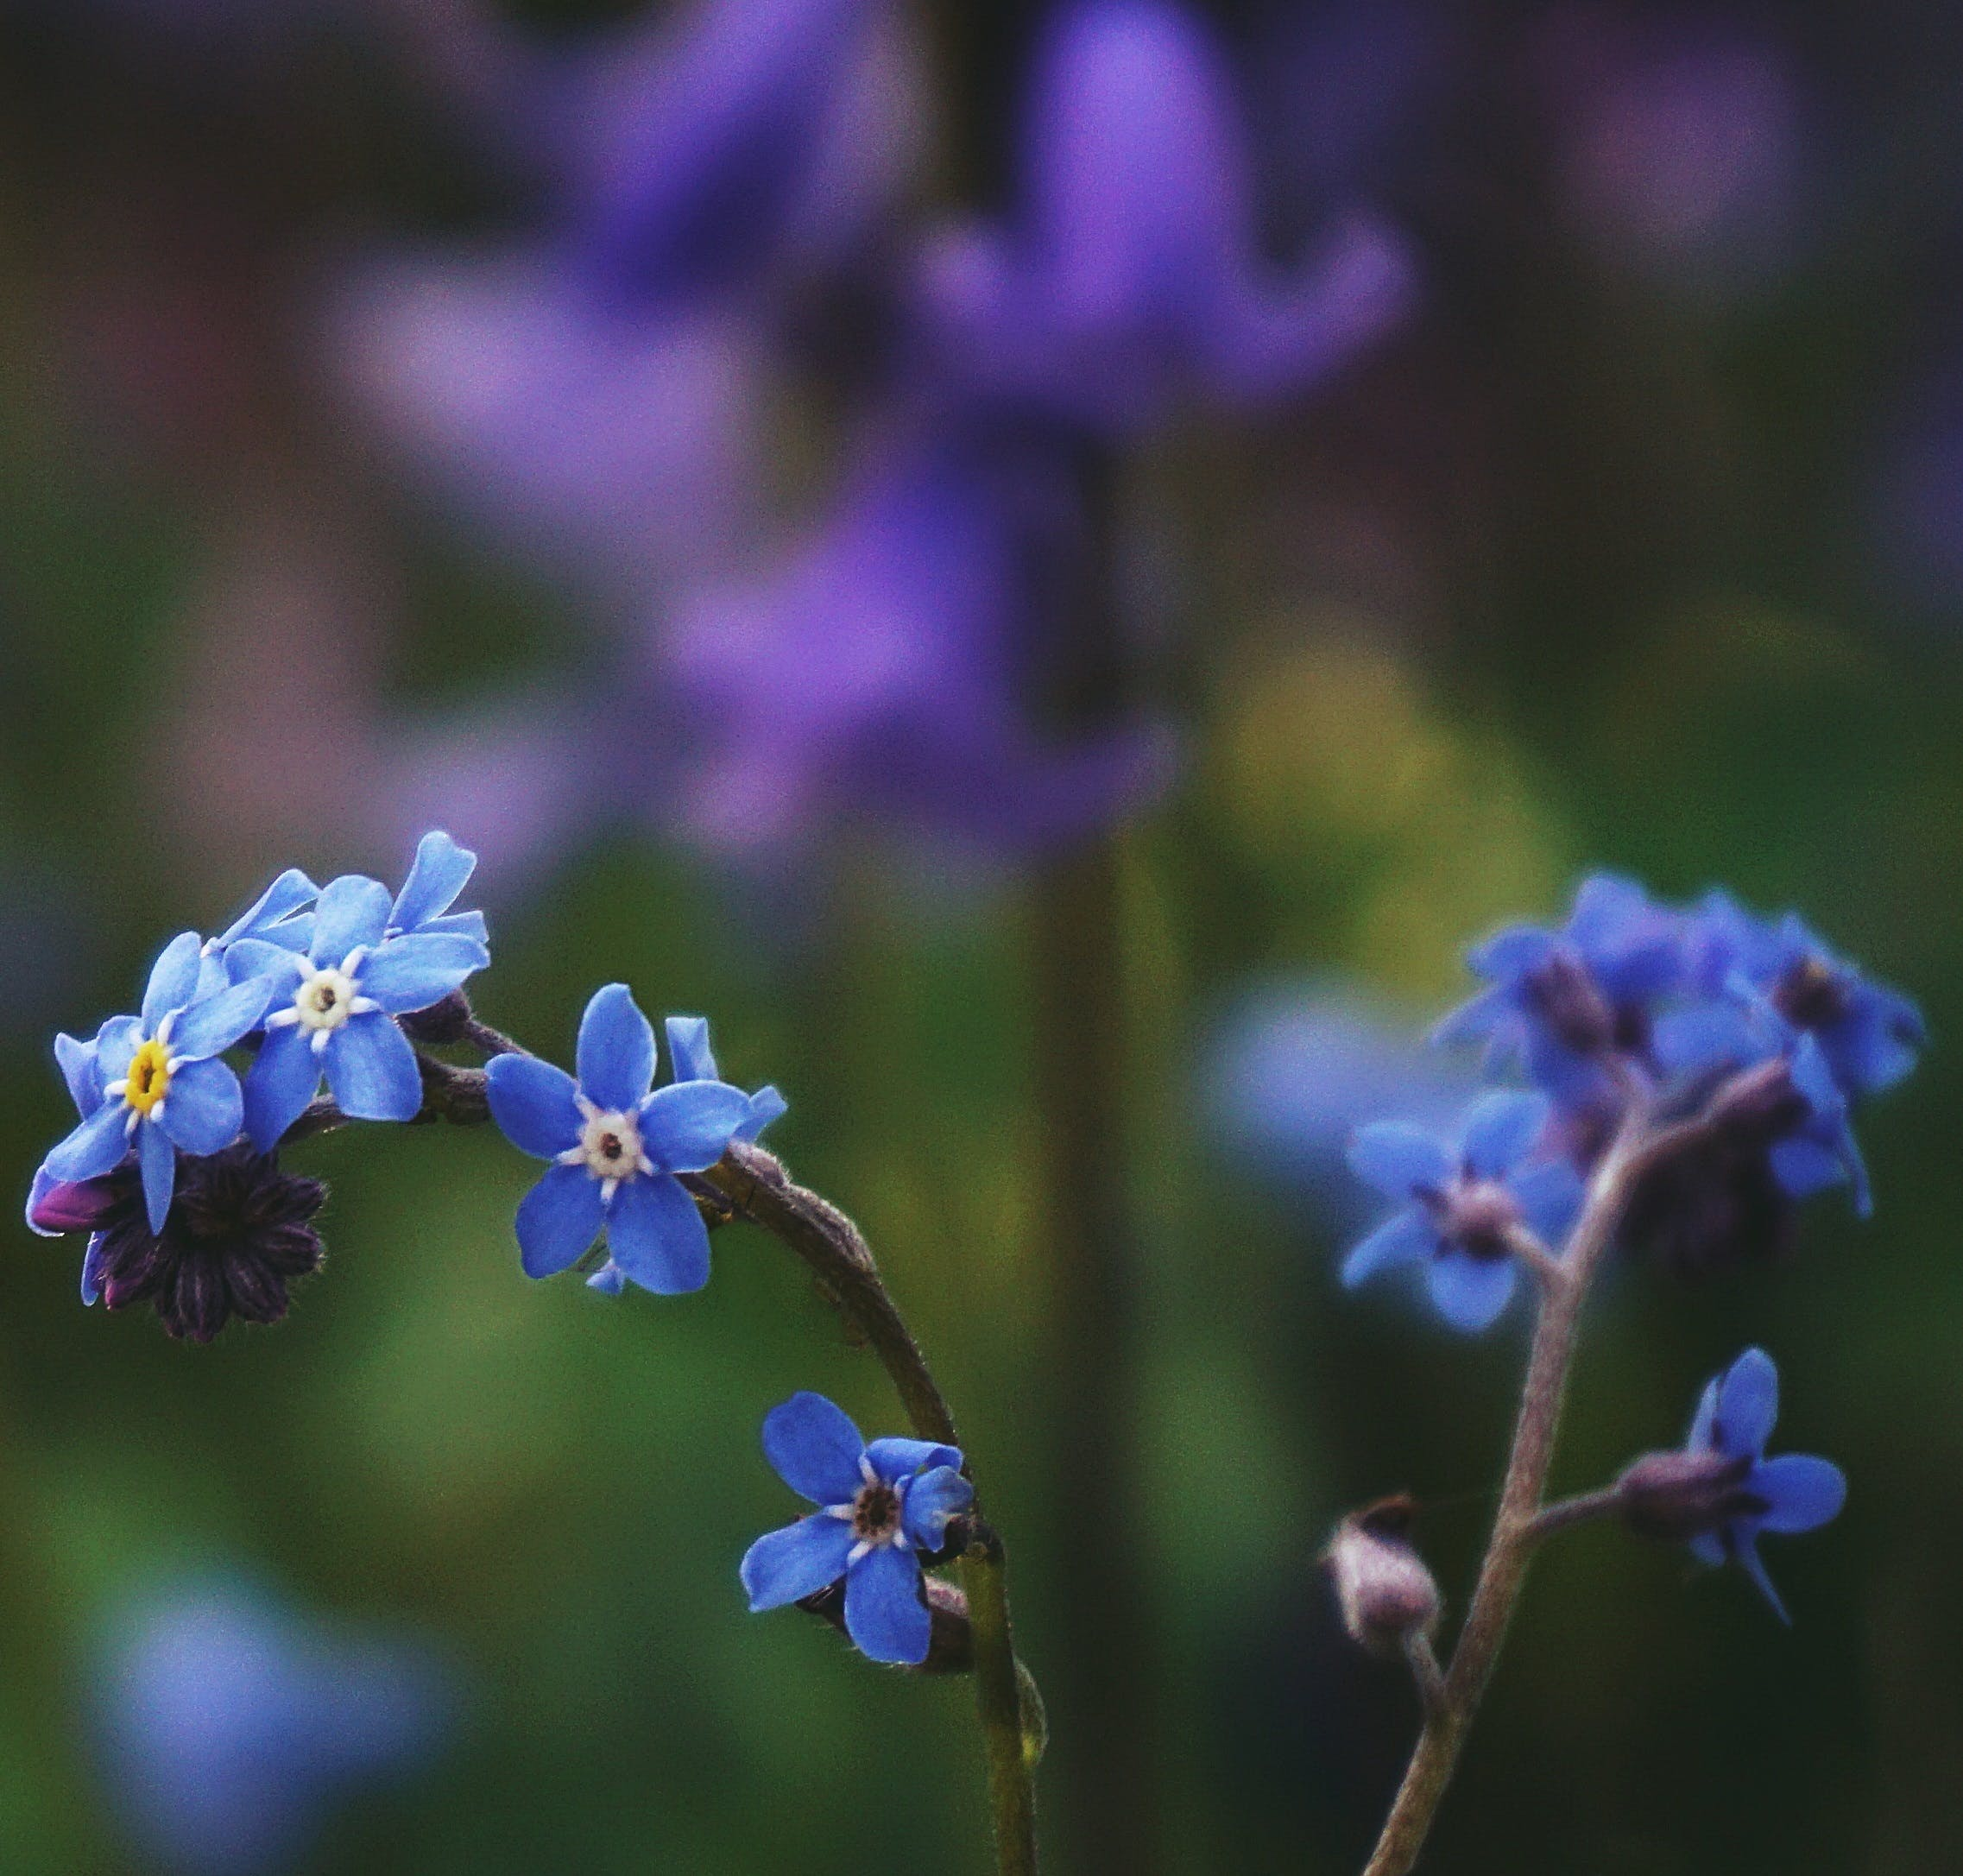 Gratis lagerfoto af blå, blå blomster, blomster, forglemmigej